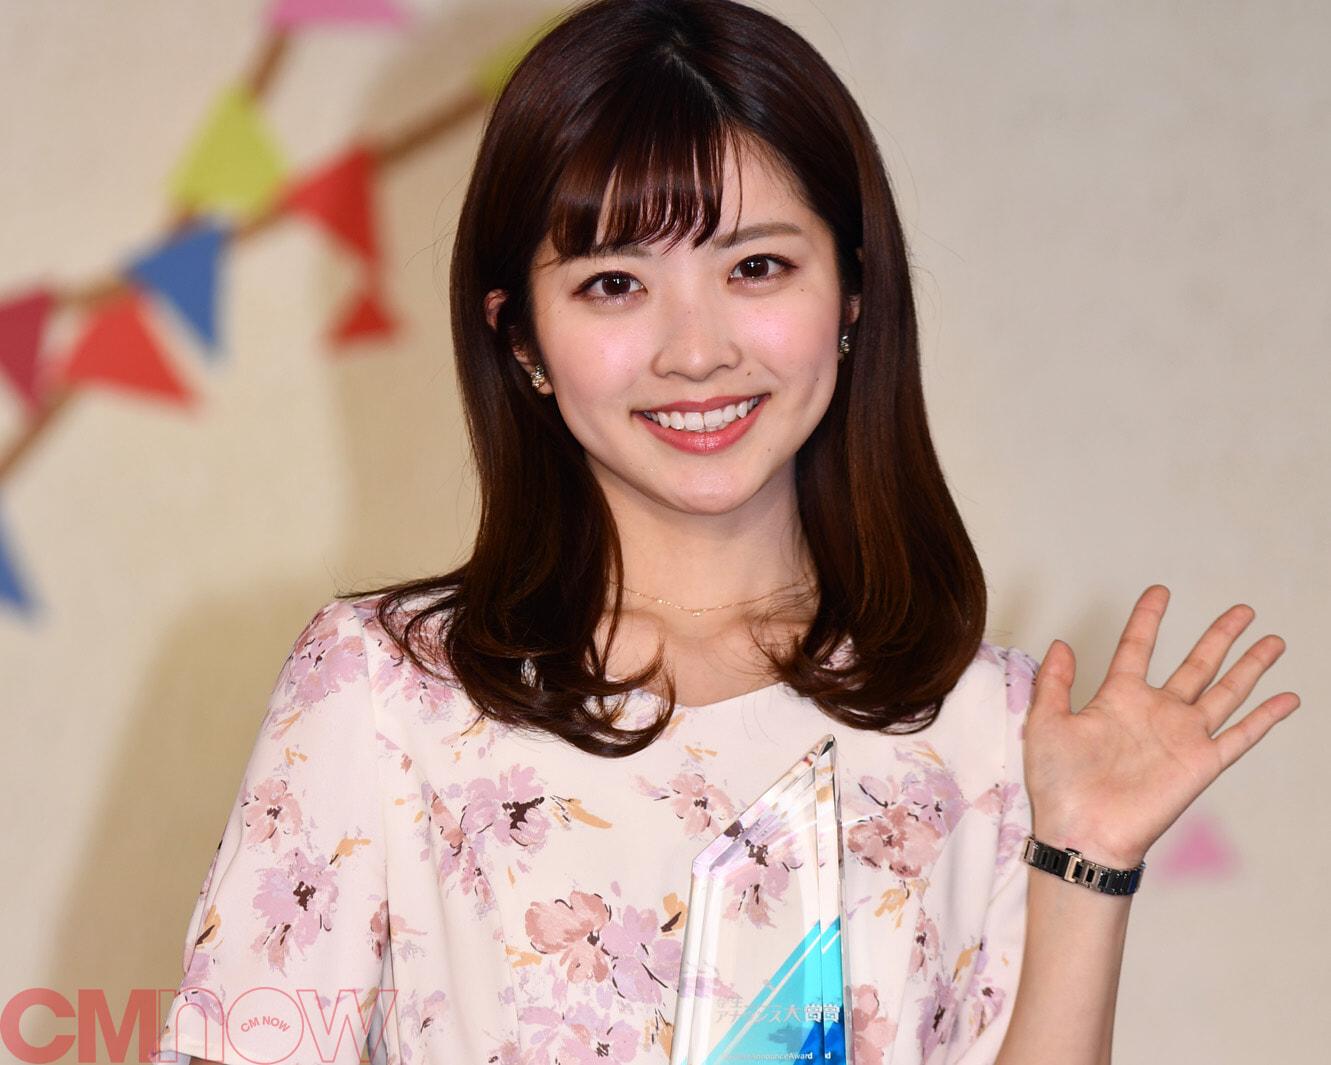 「学生アナウンス大賞」初代グランプリが決定!関西外大・檜垣すみれさん 有田みかん大使の美女